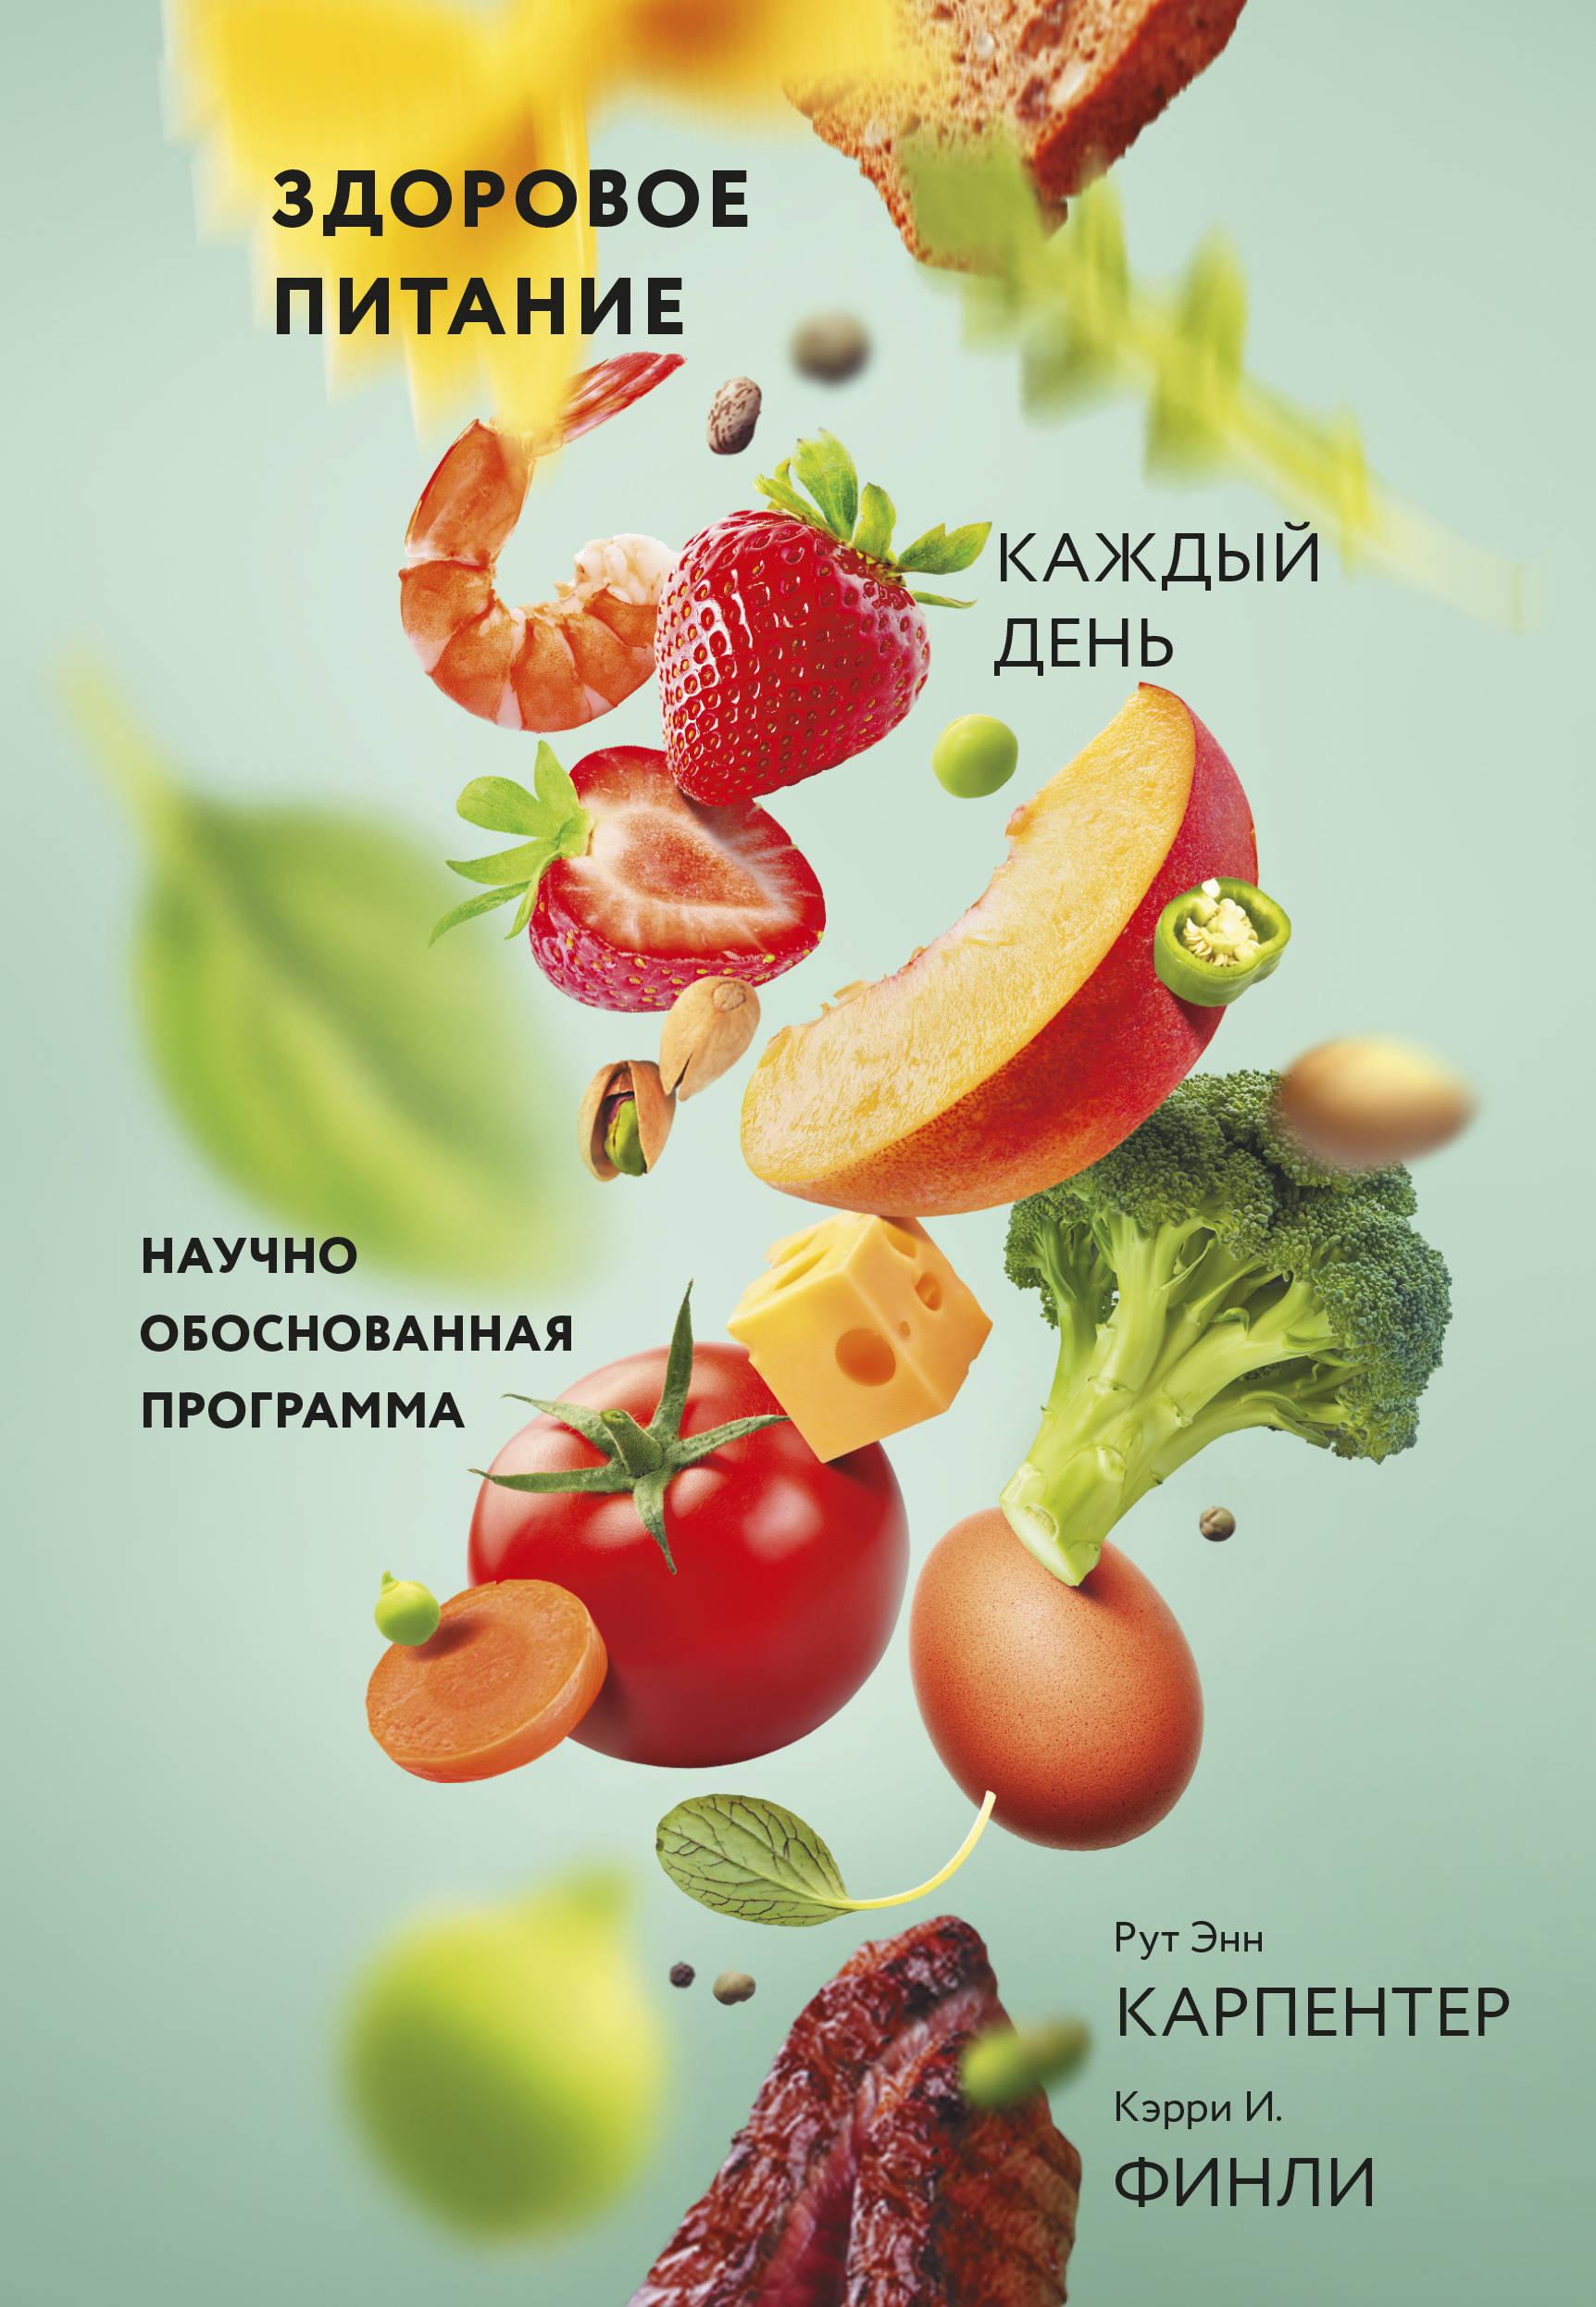 Здоровое питание вывод v